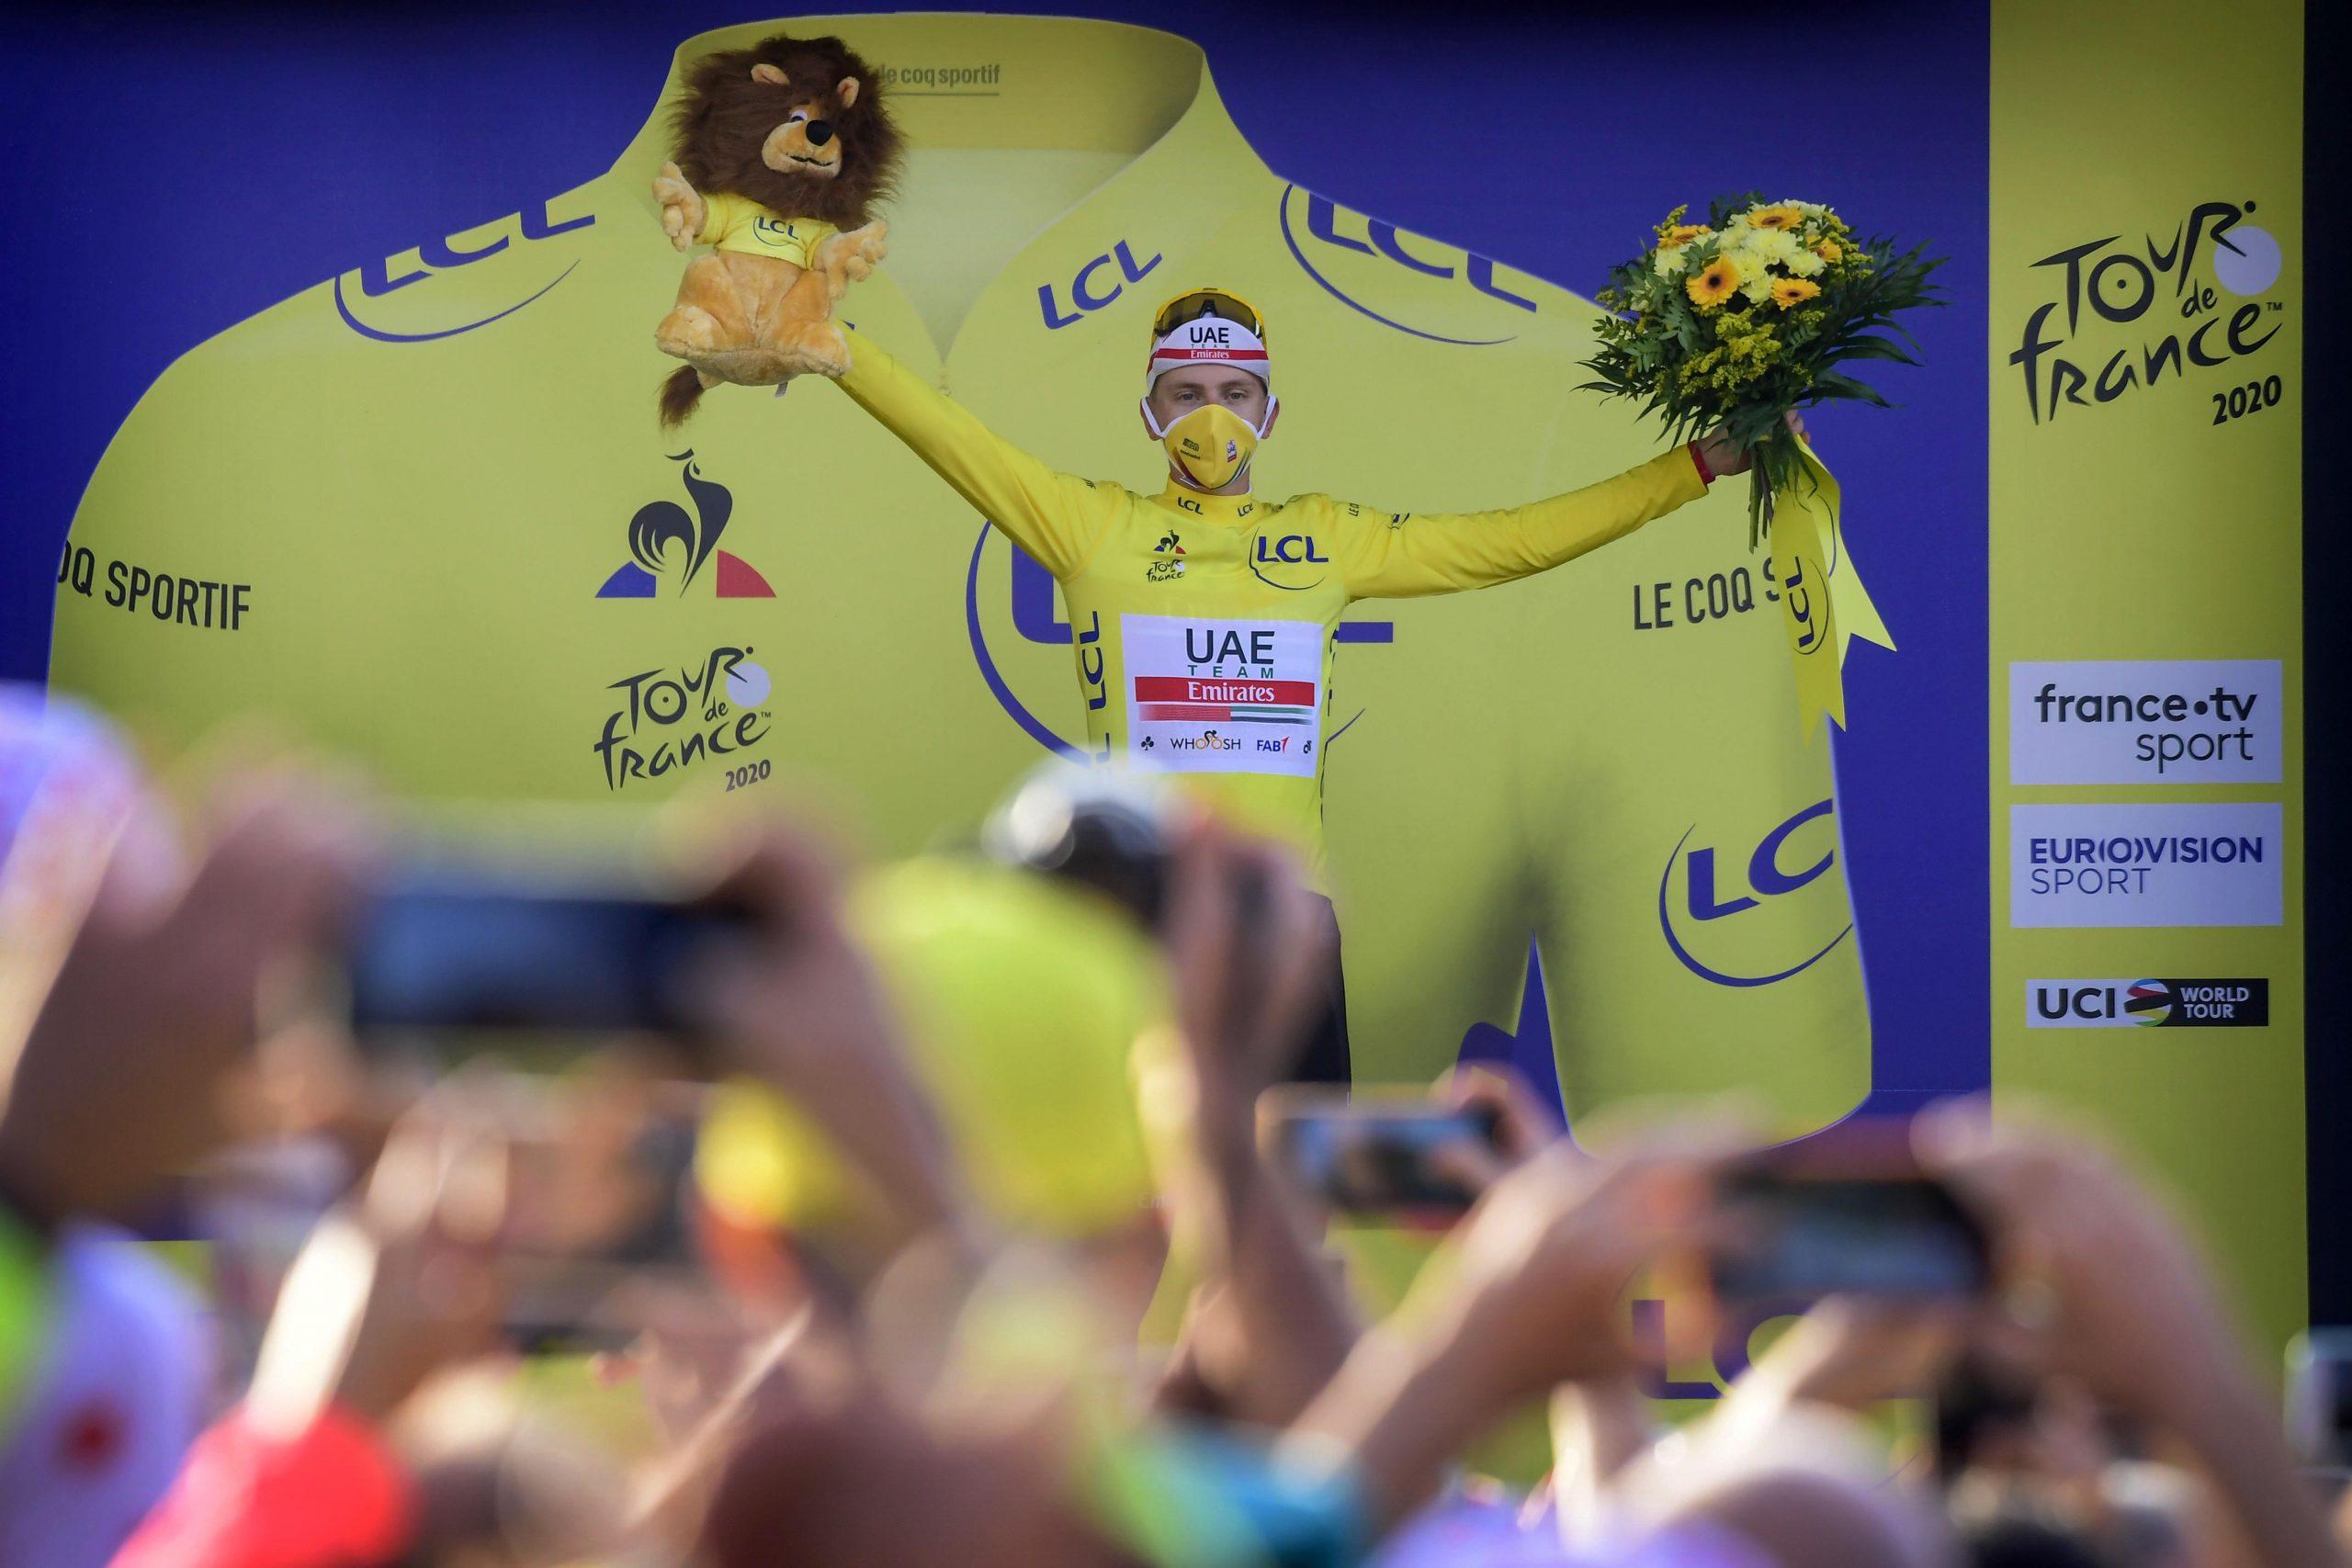 La Planche des Belles Filles - France - wielrennen - cycling - cyclisme - radsport - Tadej Pogacar (Slovenia / UAE Team Emirates) pictured during the 107th Tour de France (2.UWT) Stage 20 from Lure > La Planche des Belles Filles ITT (36,2KM) - photo PdV/PN/Cor Vos © 2020